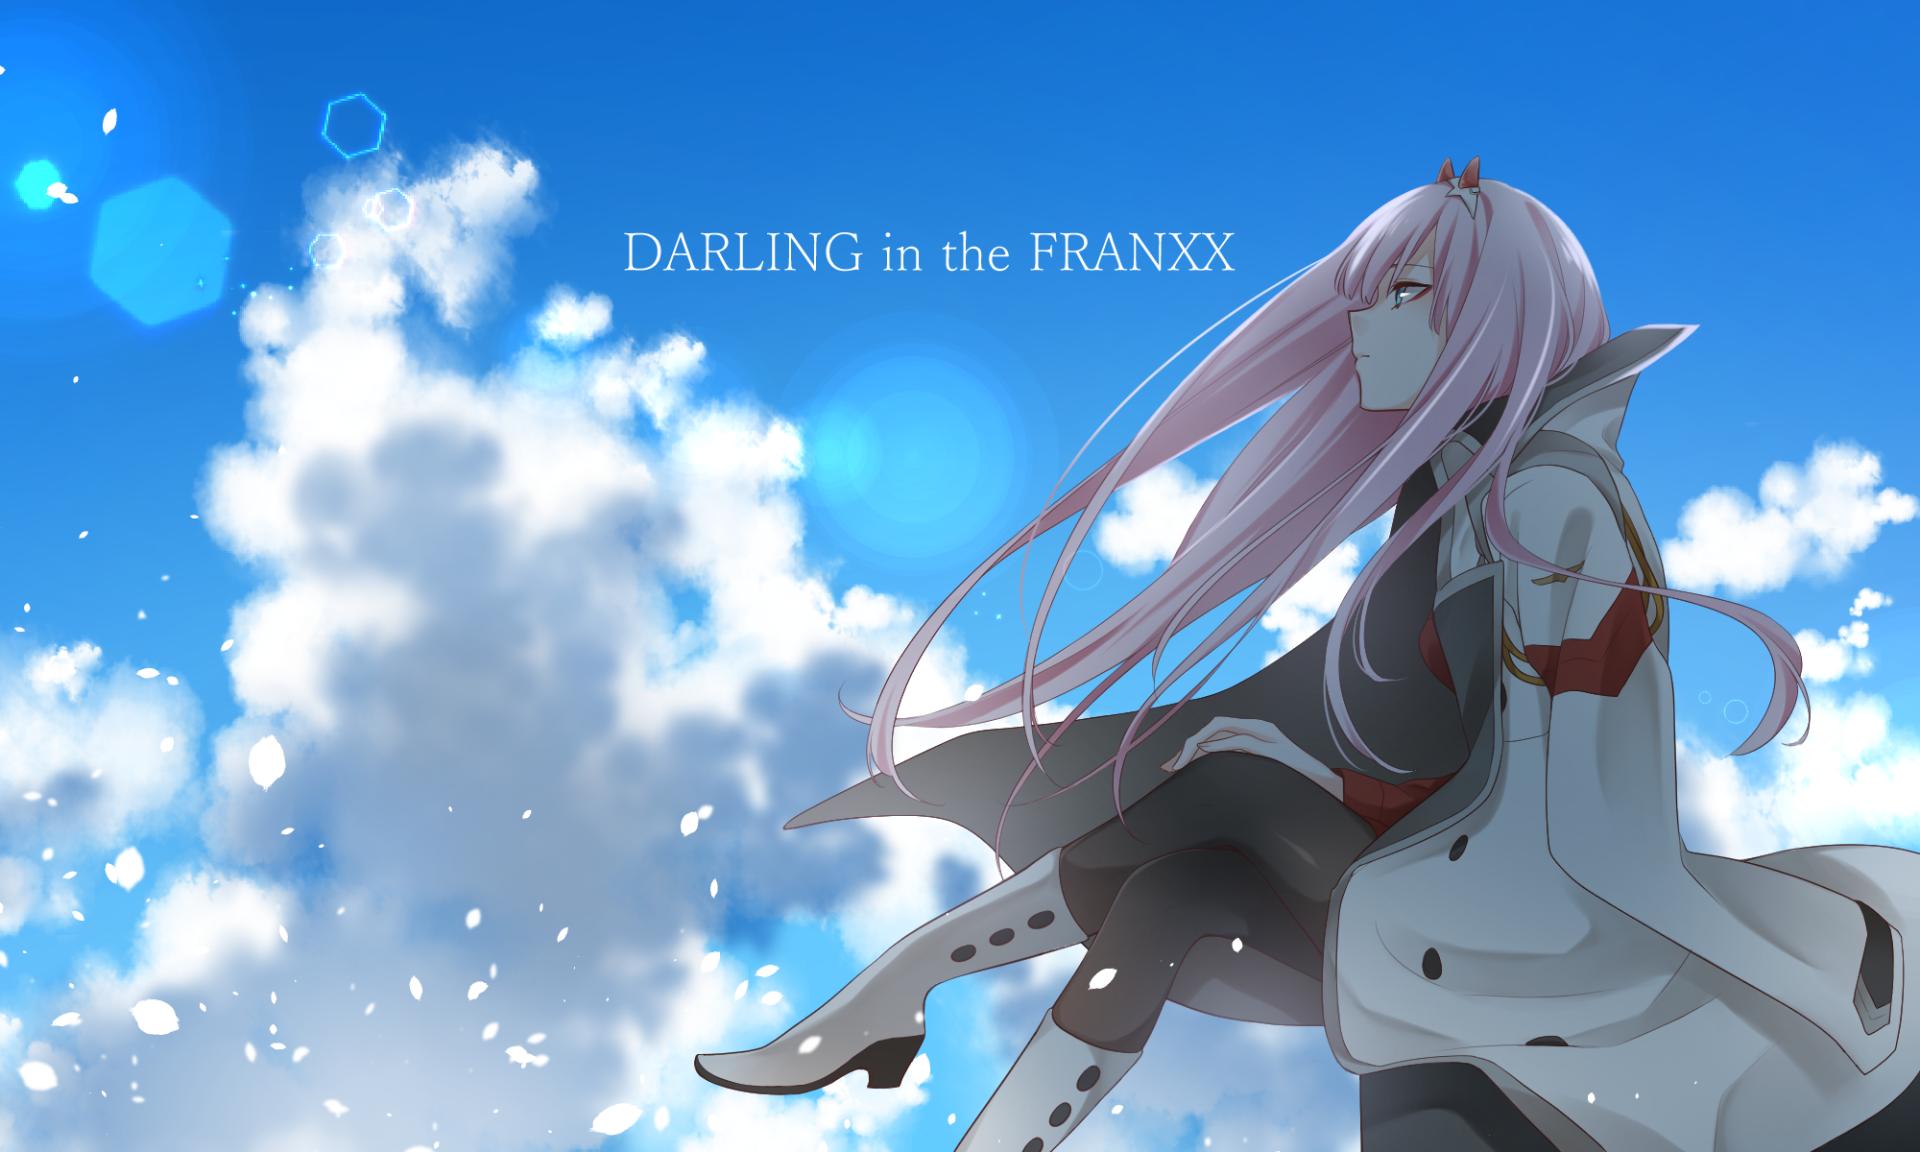 Anime Darling In The Franxx Zero Two Darling In The Franxx